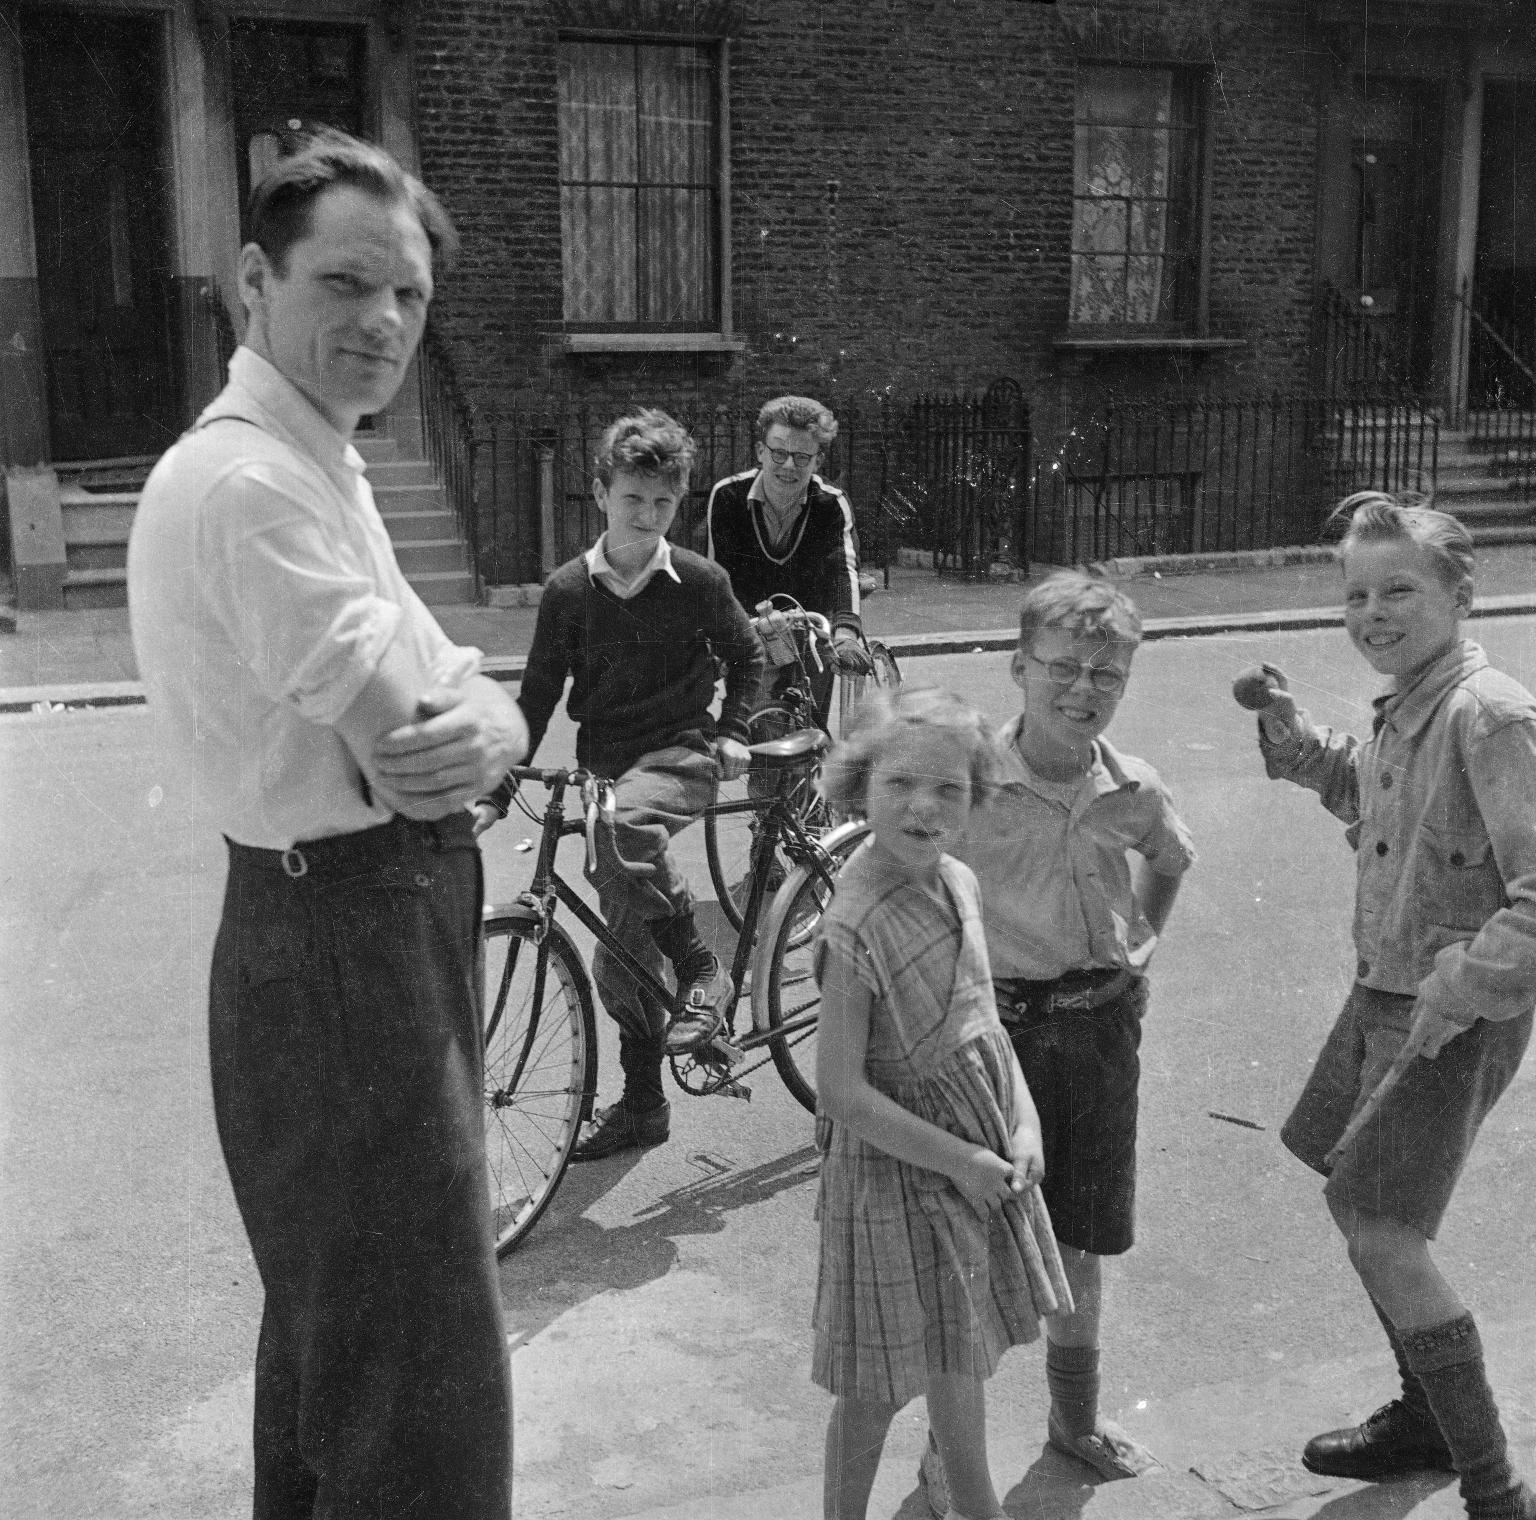 Мужчина с детьми на улице